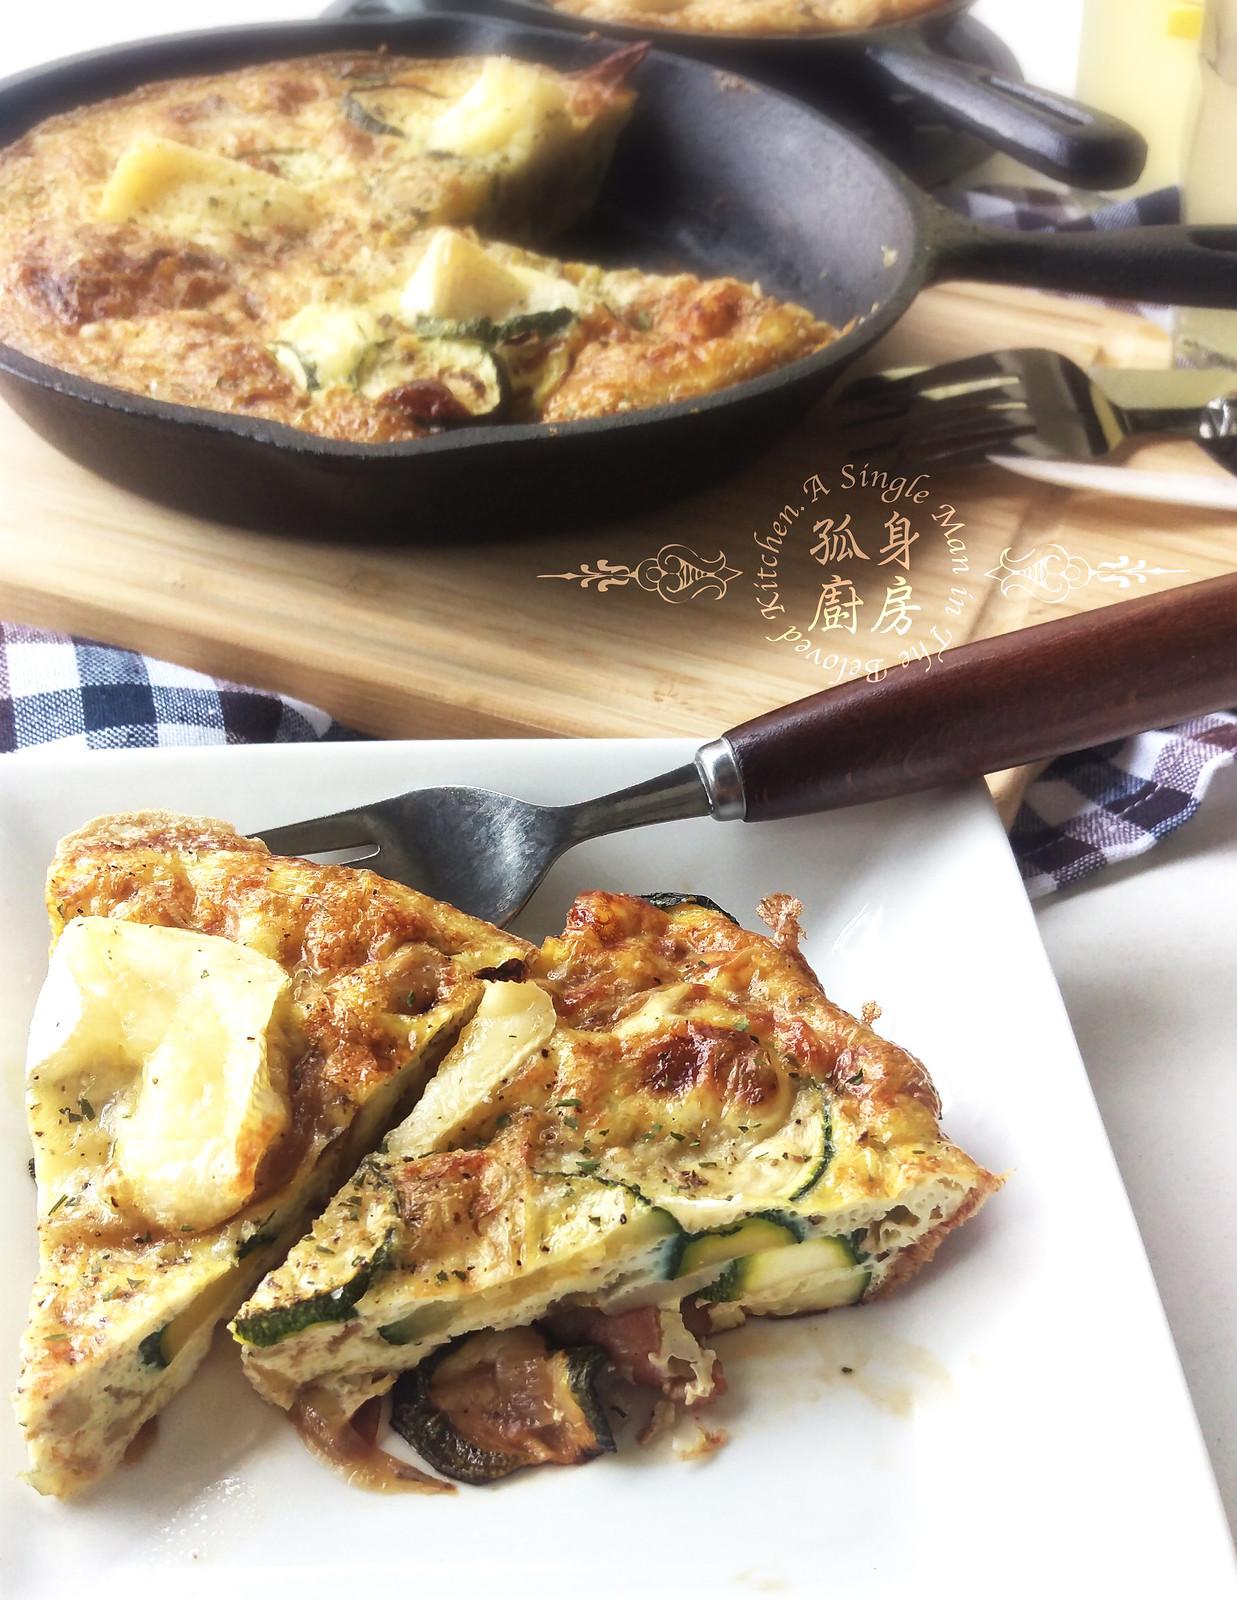 孤身廚房-清冰箱簡單早午餐!培根野菇櫛瓜義式烘蛋Frittata22